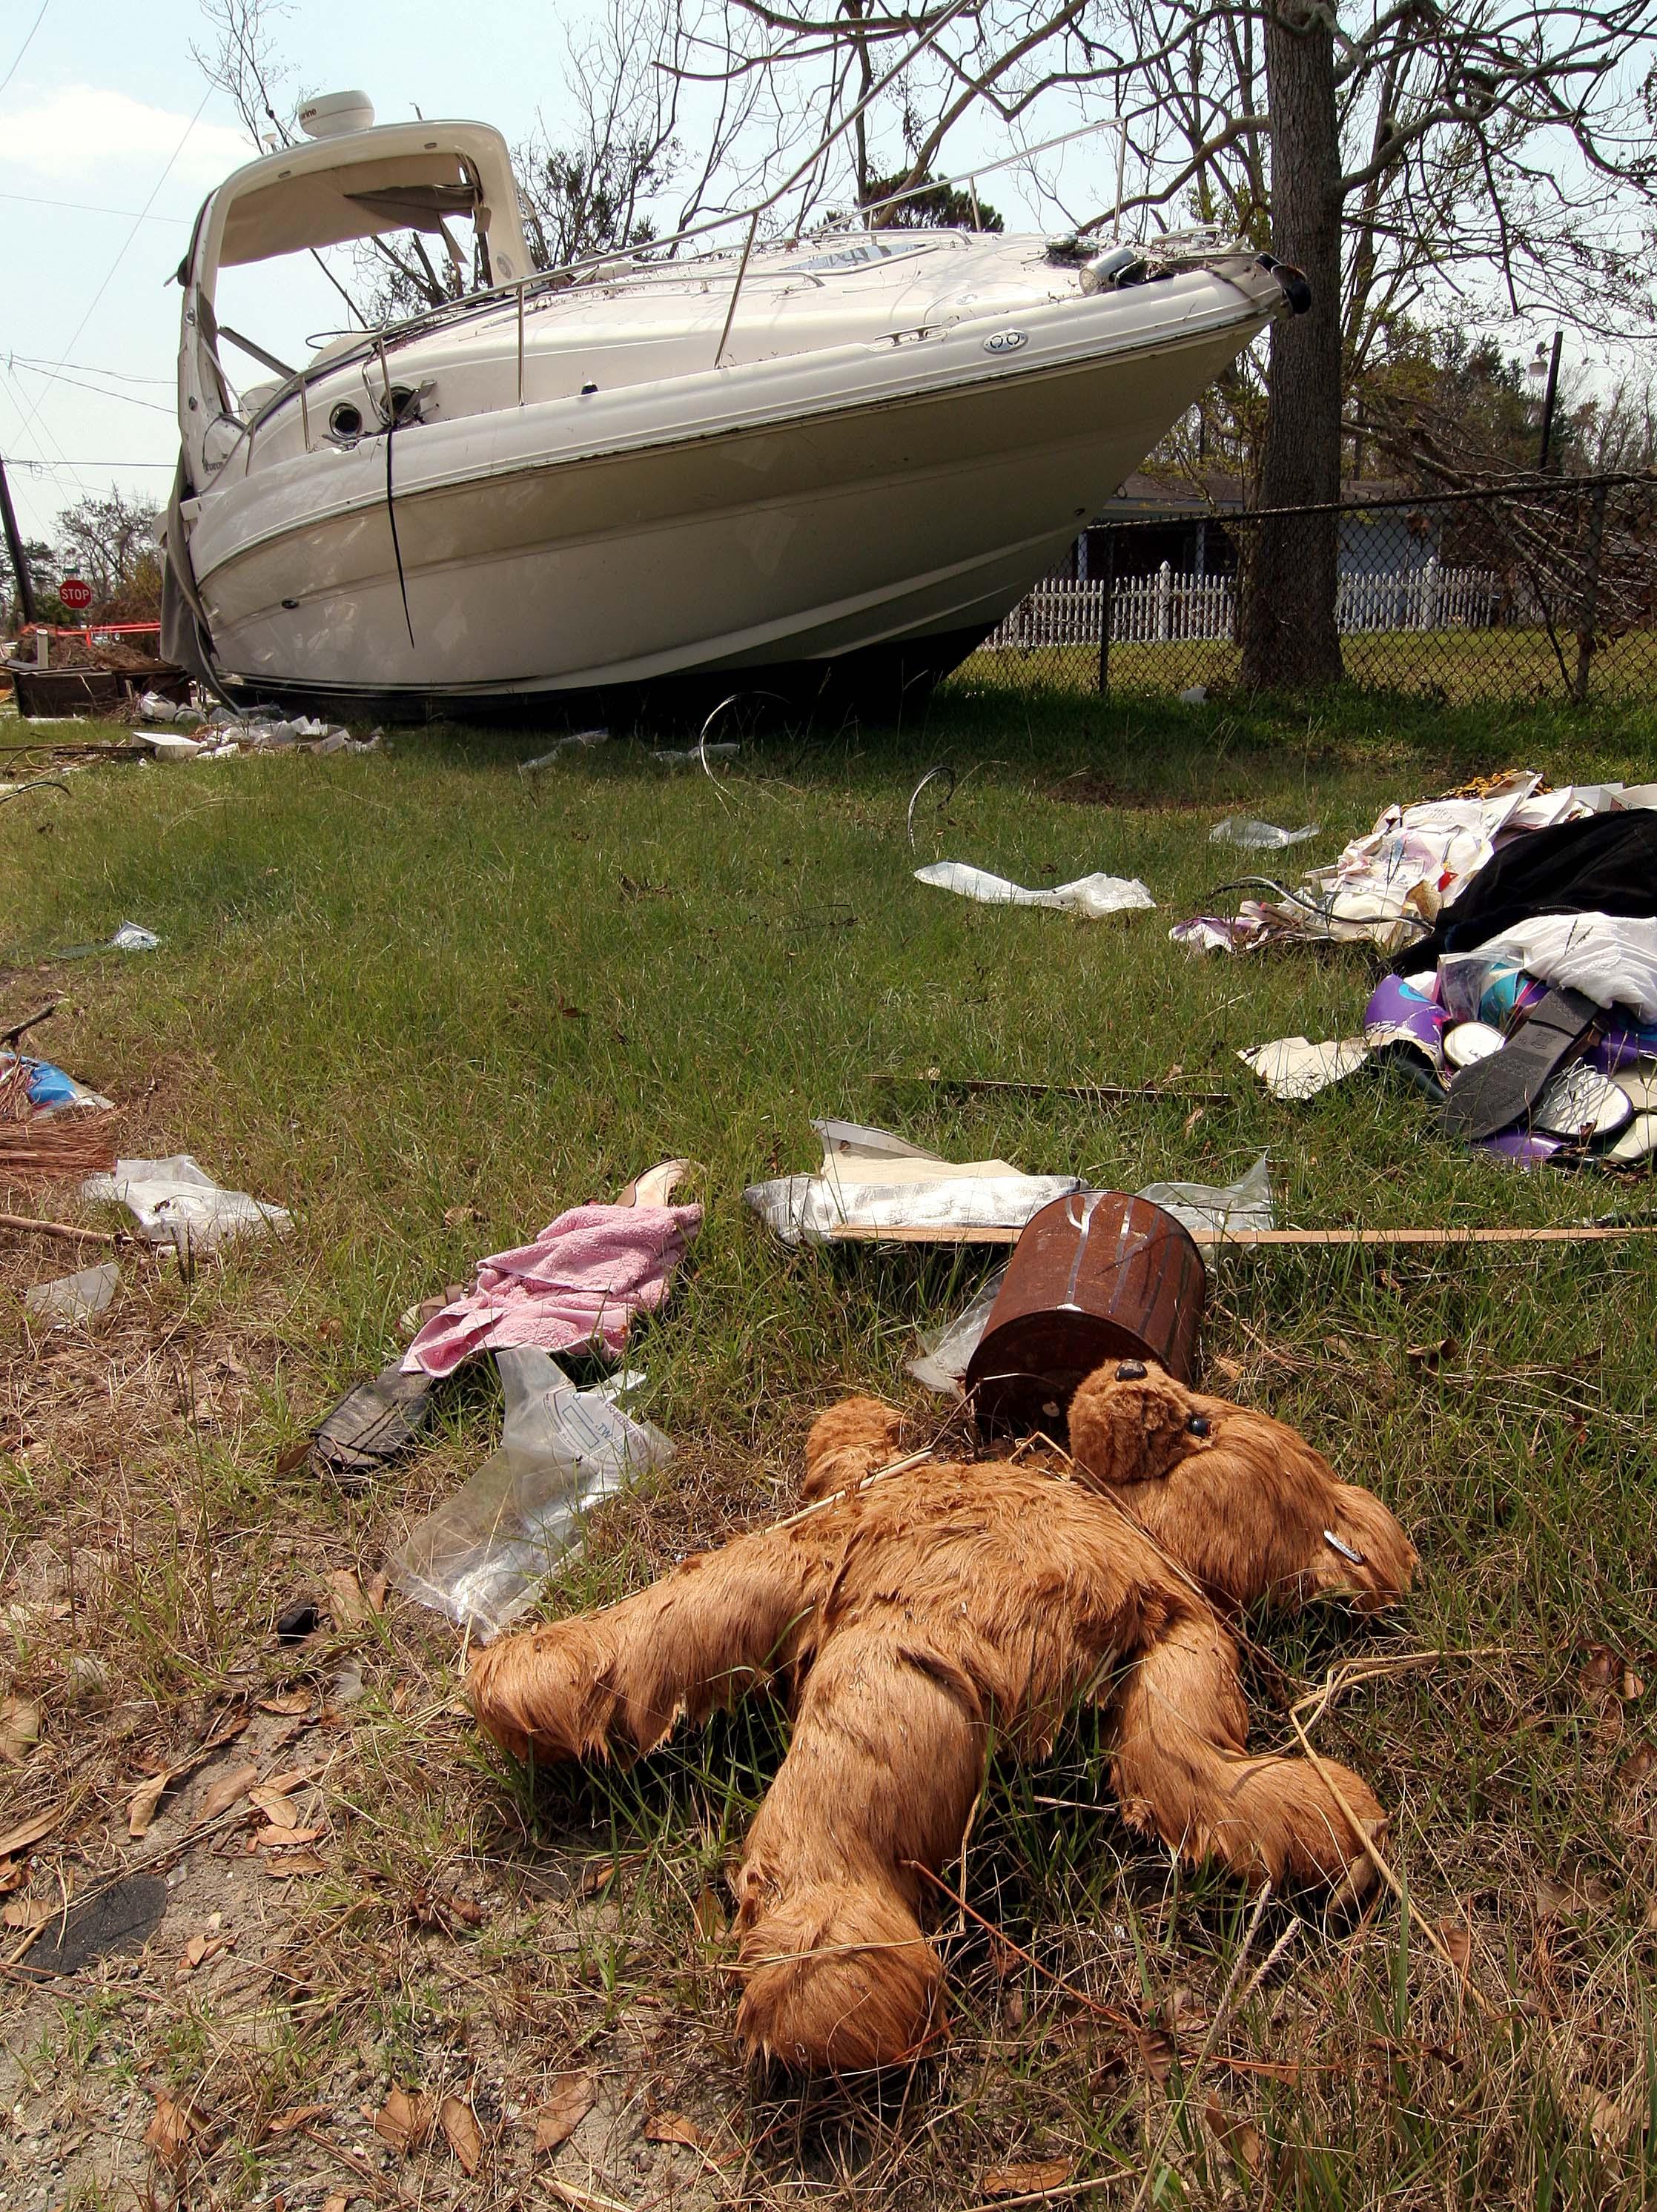 Hurricane Katrina damage - 2005